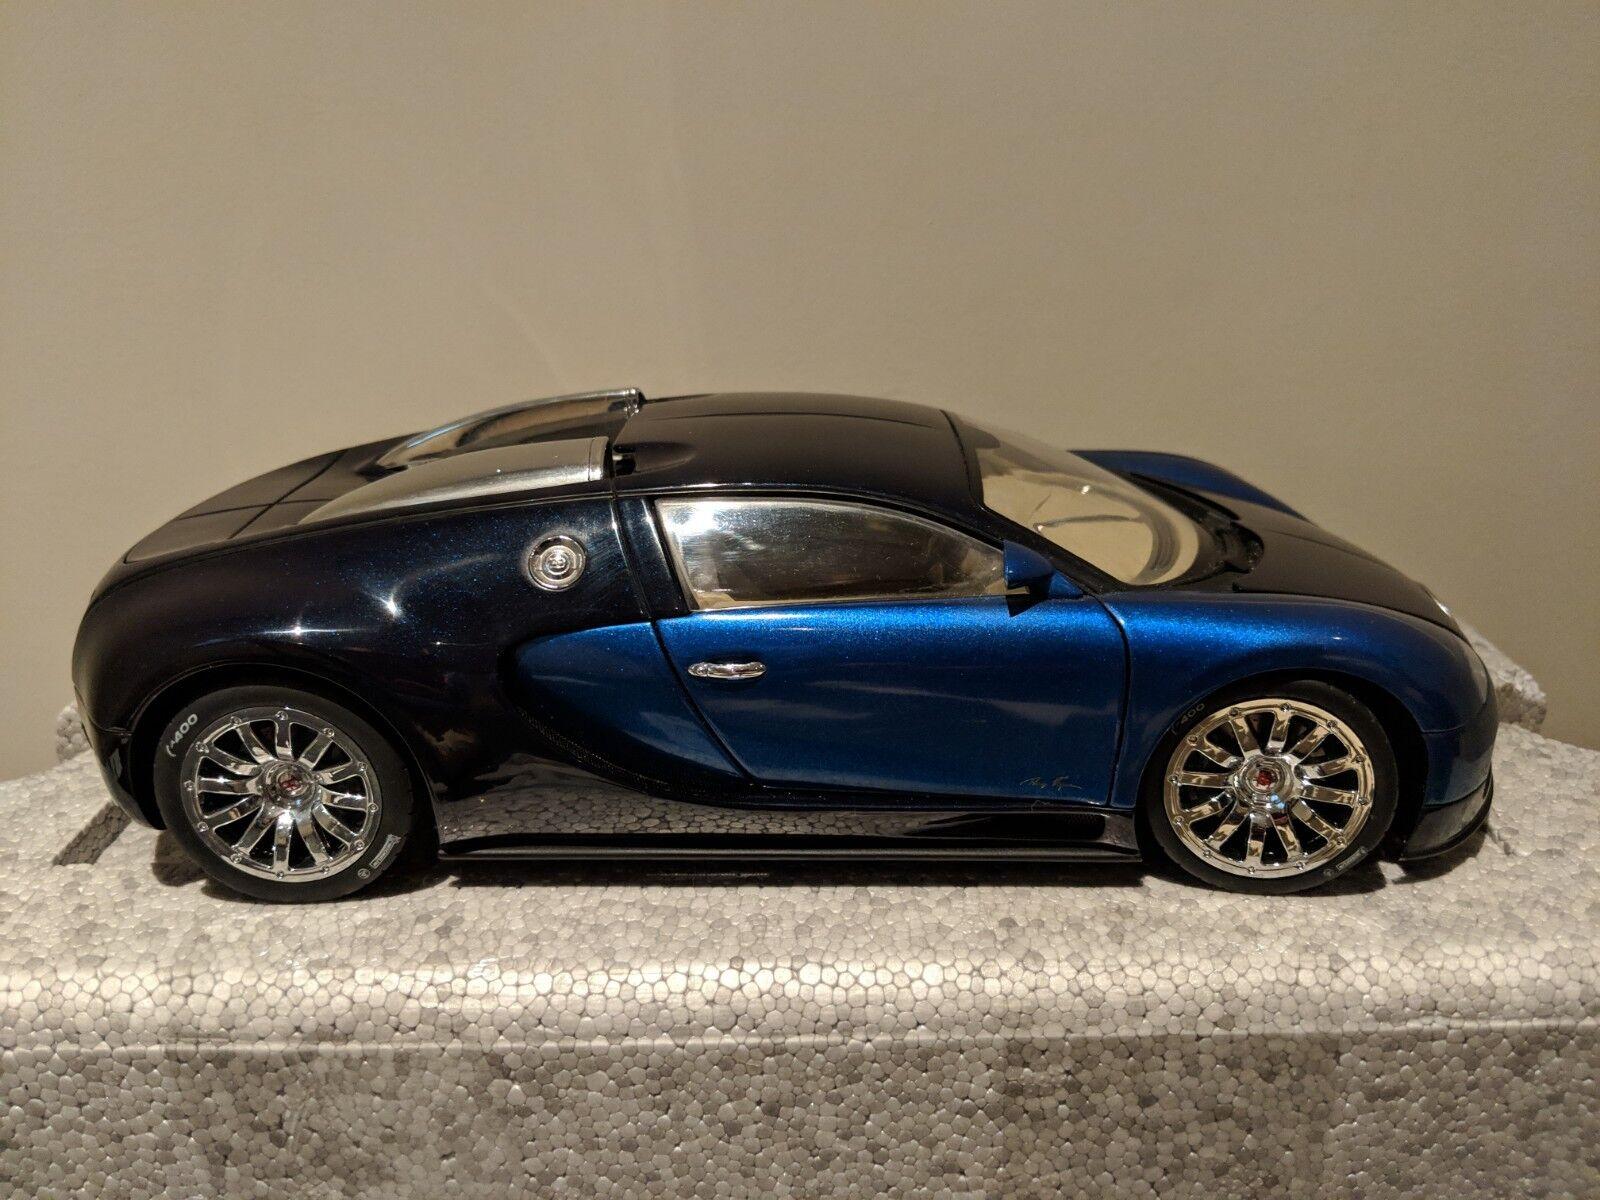 descuento de ventas en línea Autoart-Bugatti EB 16.4 16.4 16.4 Veyron-Edición Limitada-Azul  Obtén lo ultimo